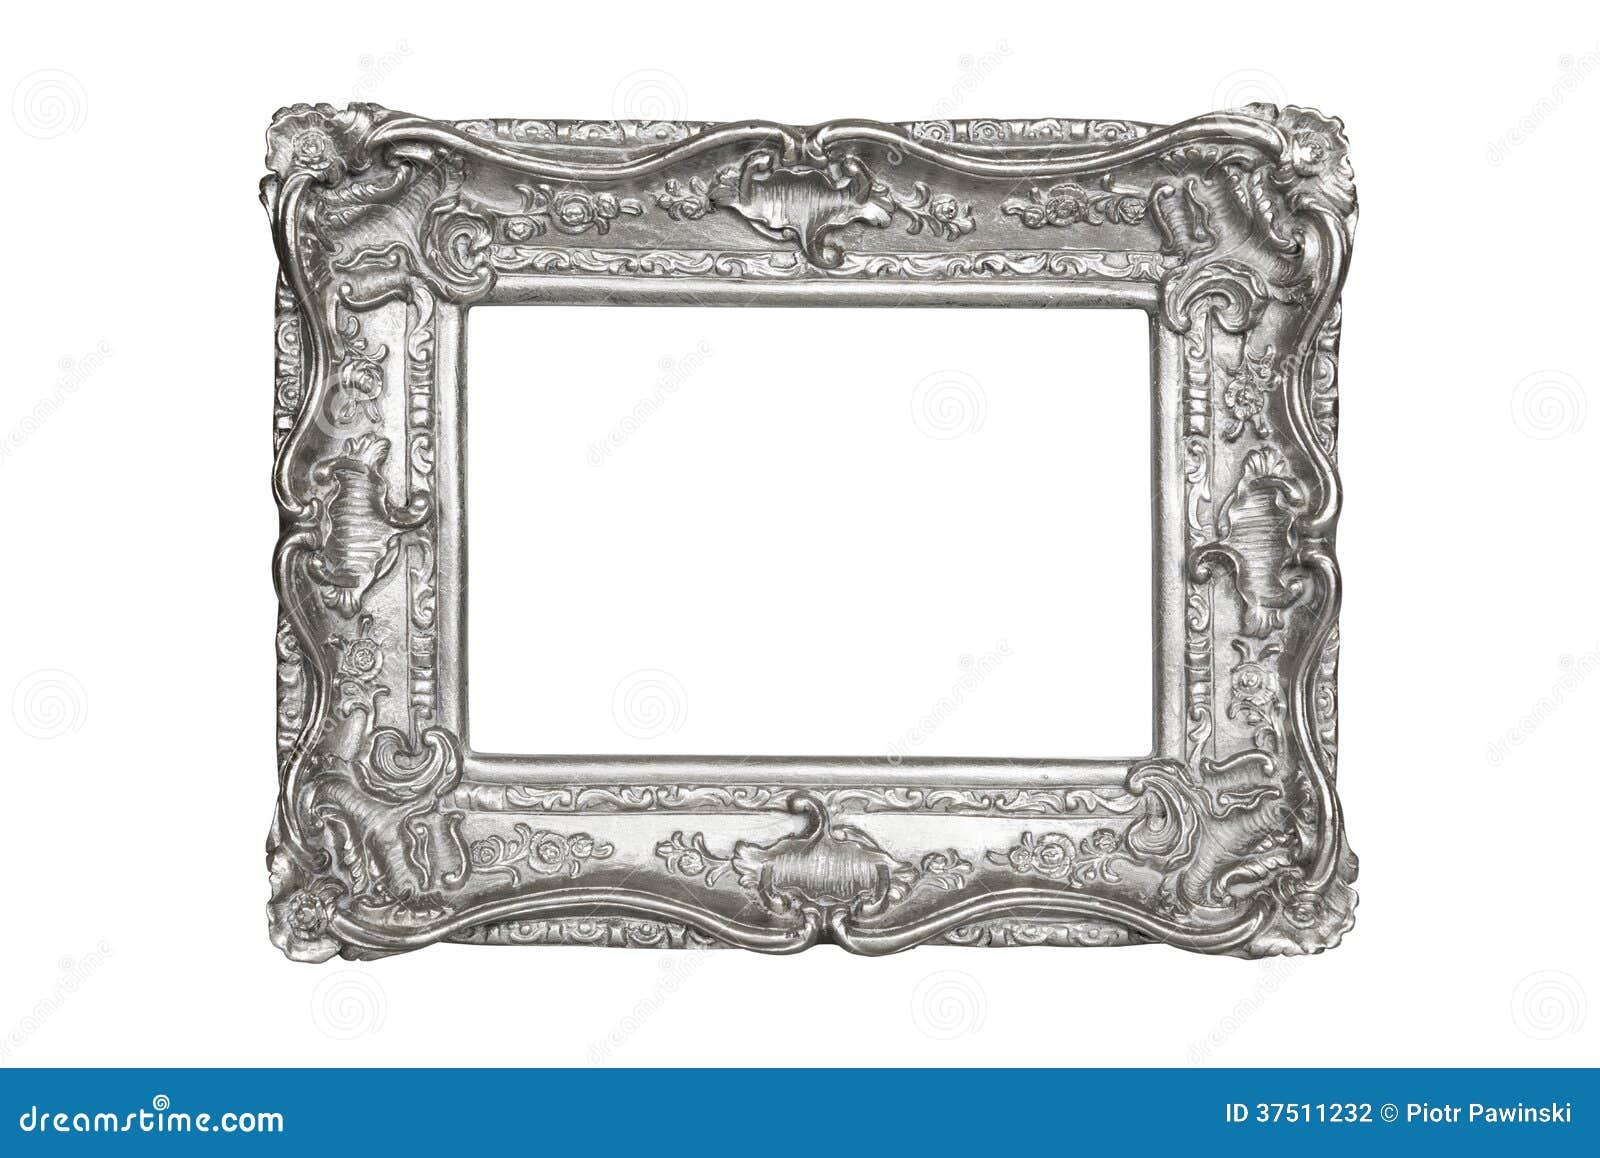 银被雕刻的画框图片